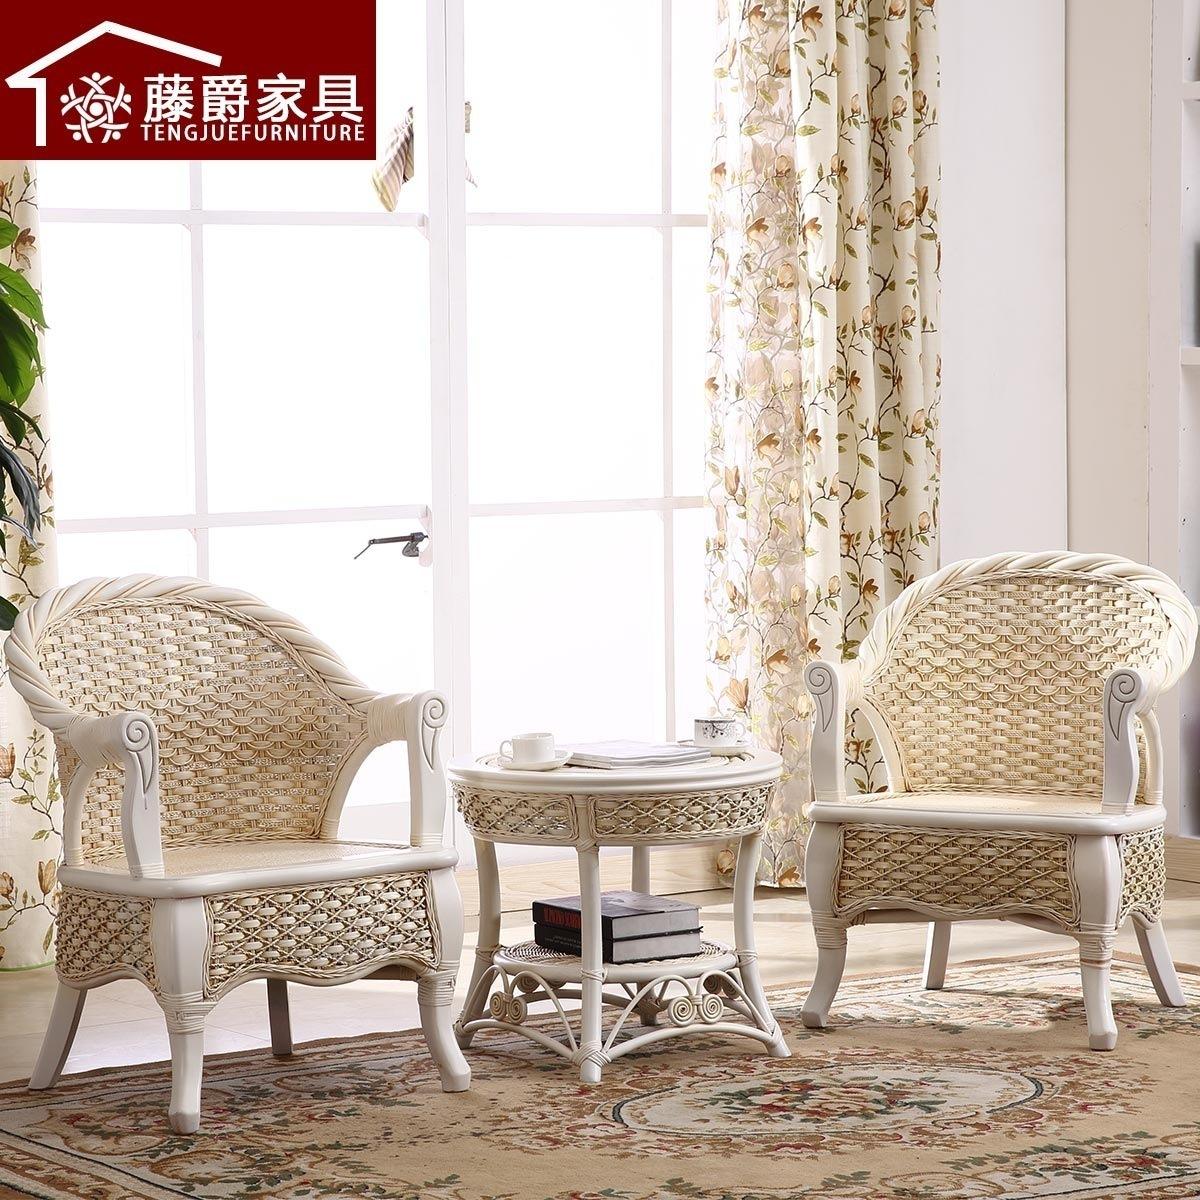 藤爵家具天然藤椅茶几三件套#-1